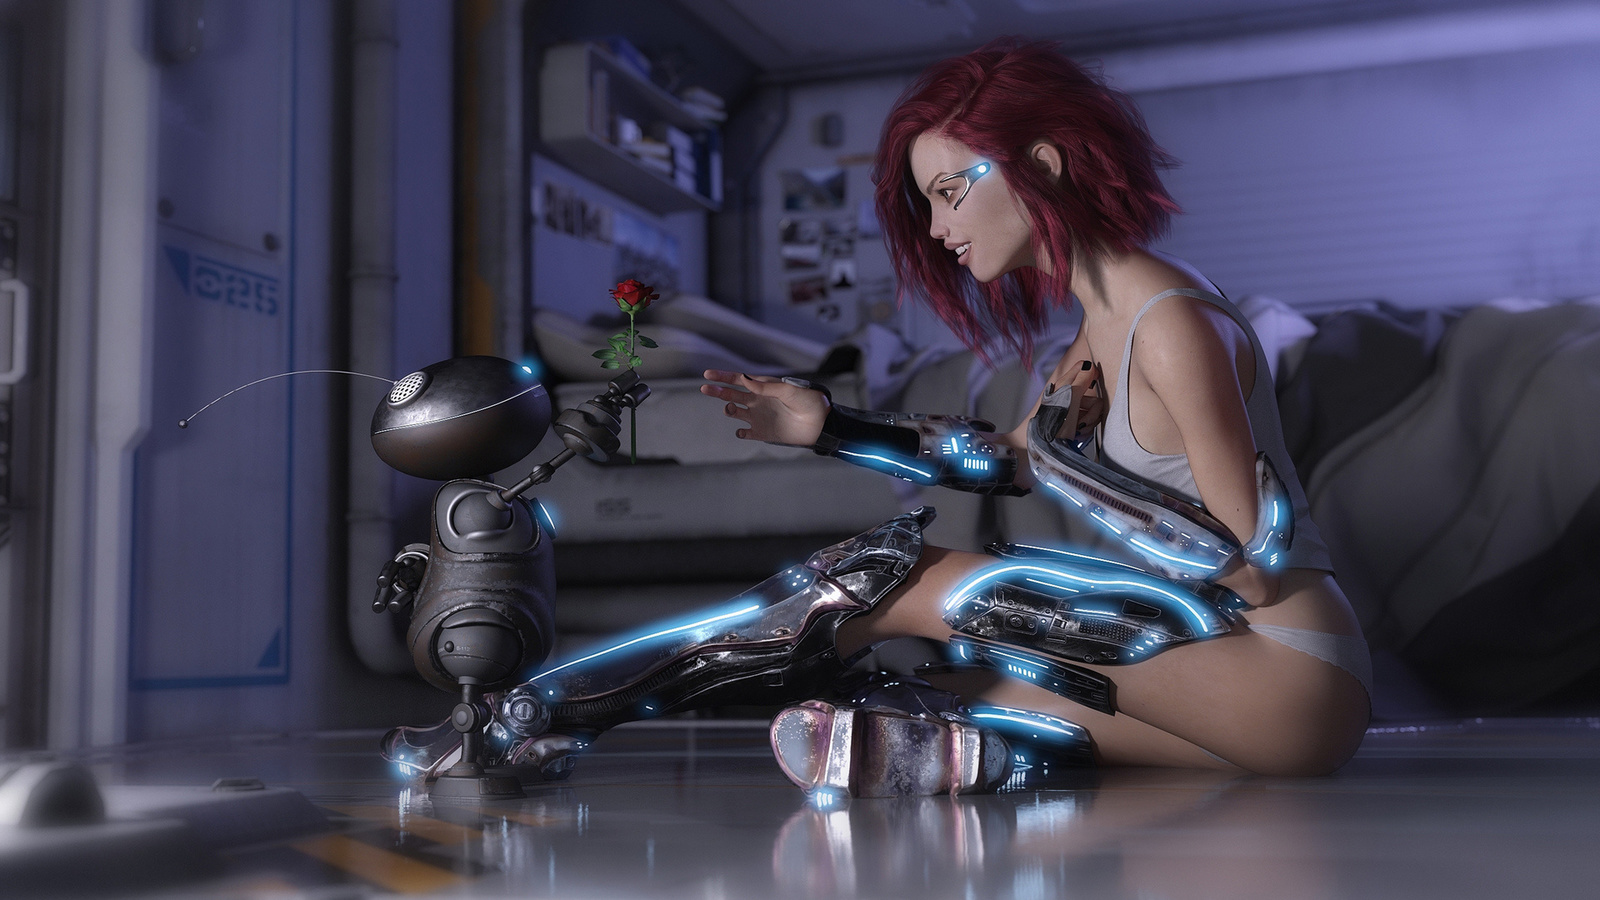 живые обои для андроид с девушками для fly509